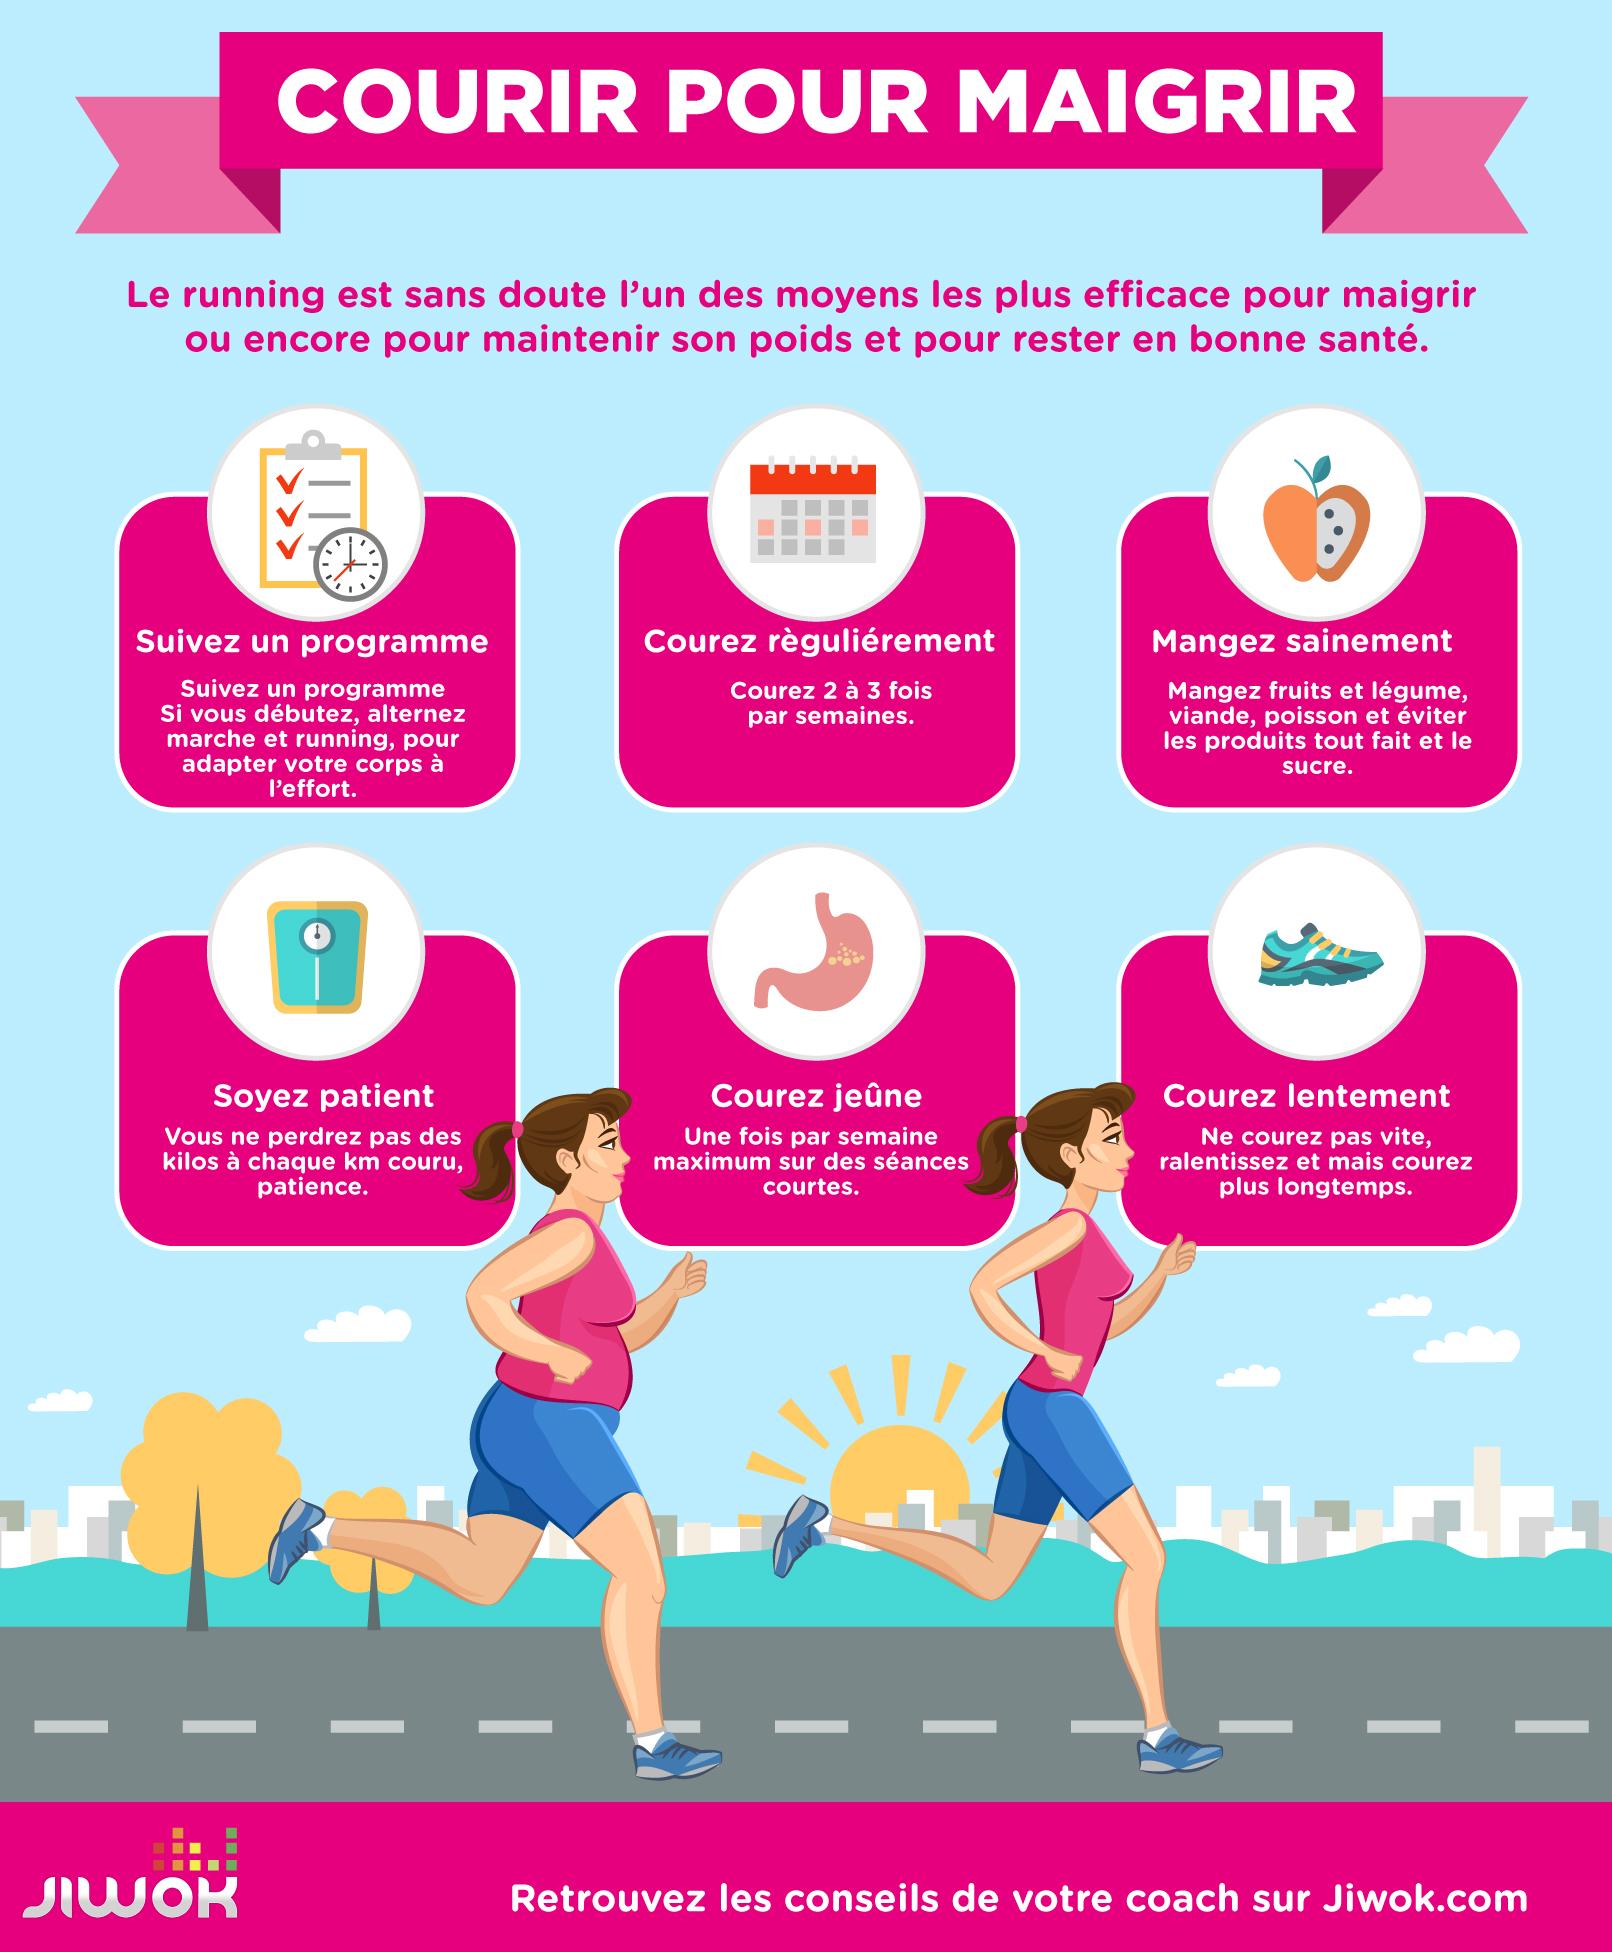 Pour perdre du poids, mieux vaut manger moins que faire plus de sport | gustavo-moncayo.fr